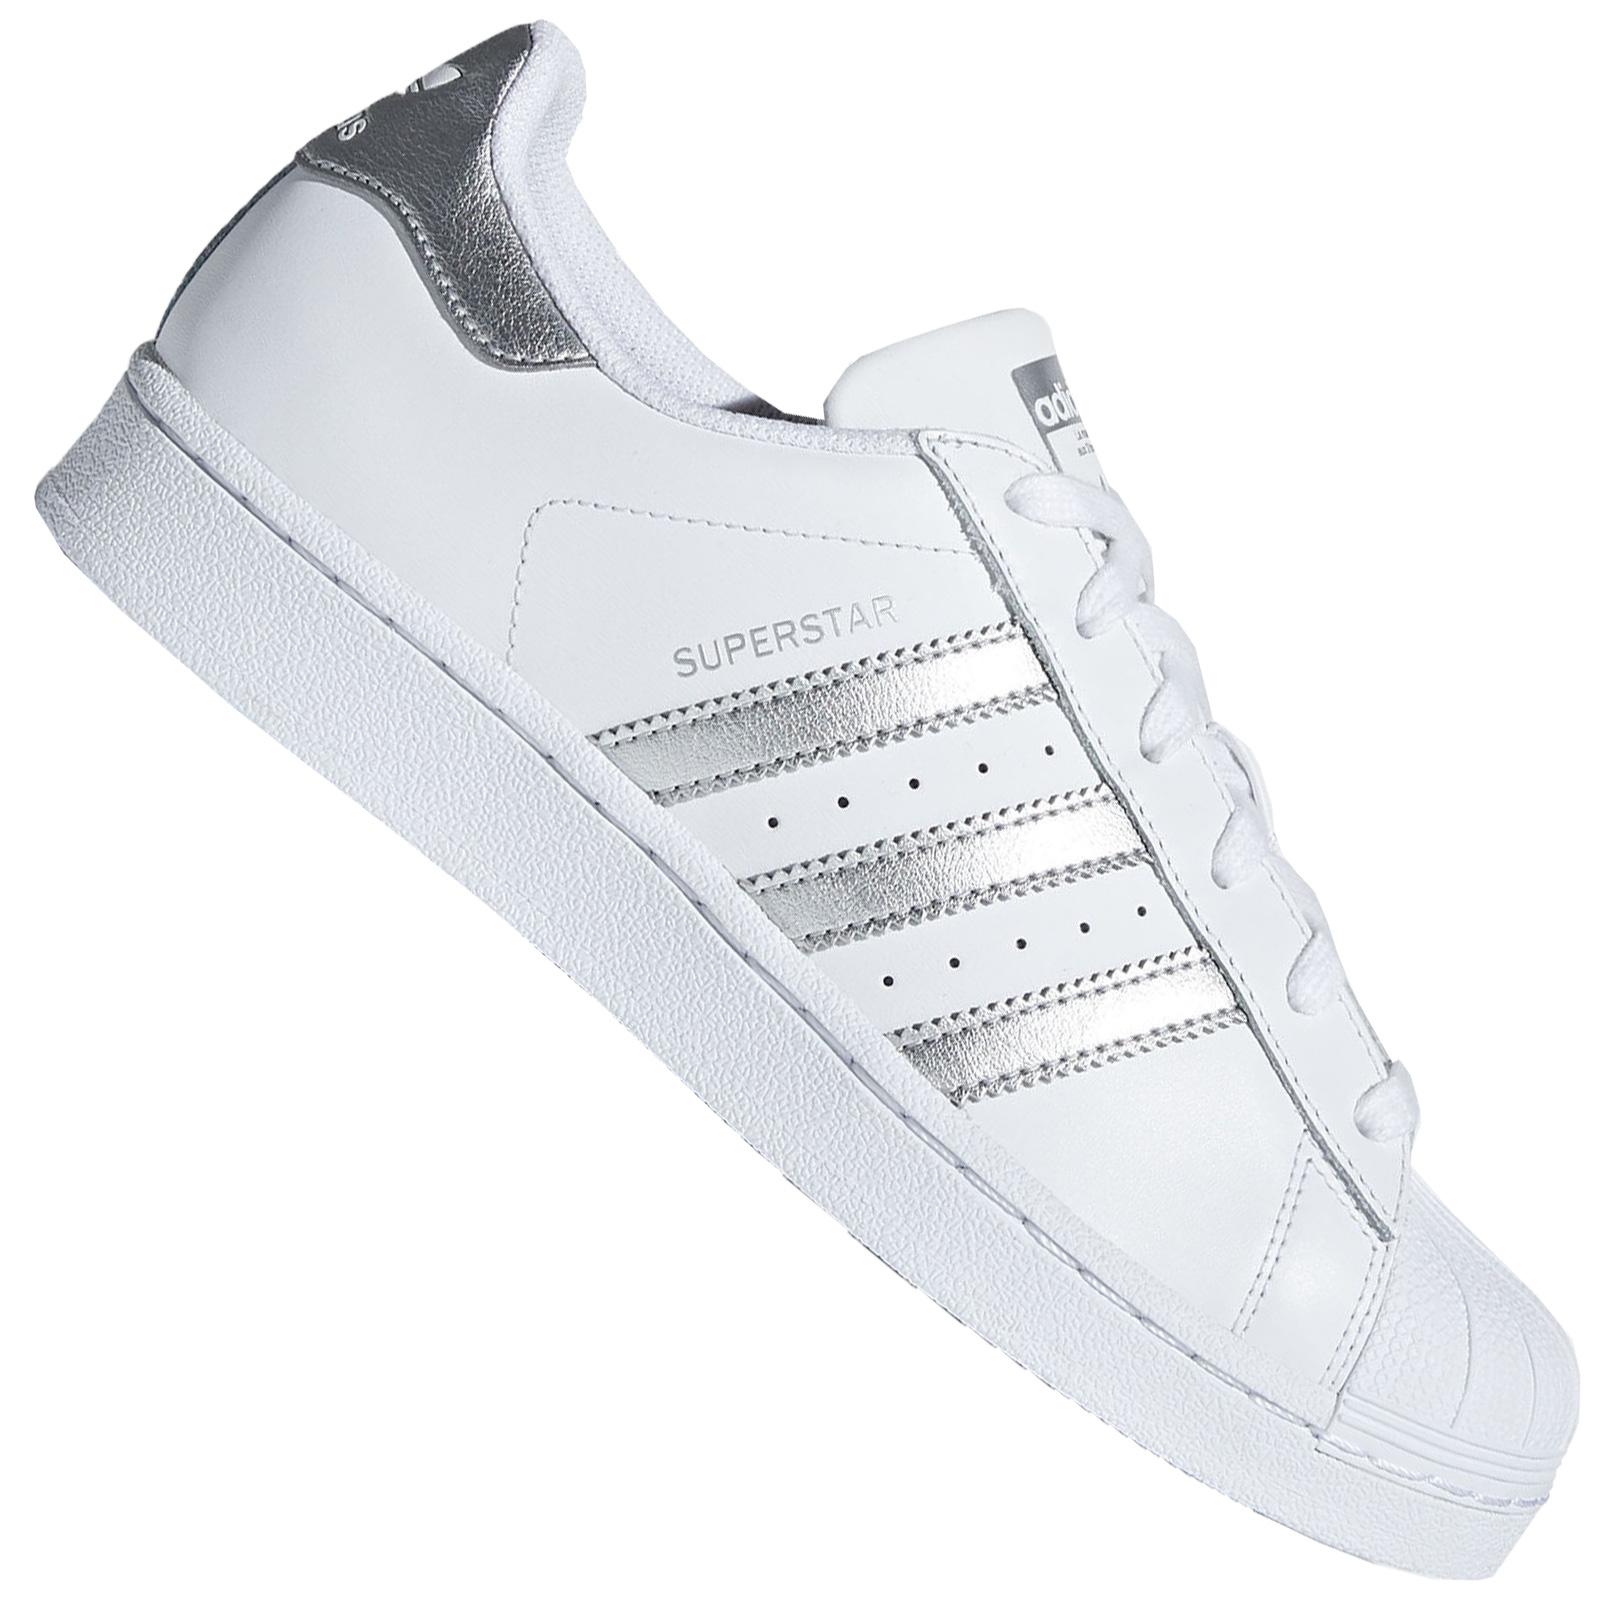 Originals Damen Silber Superstar Adidas F97387 Rarität